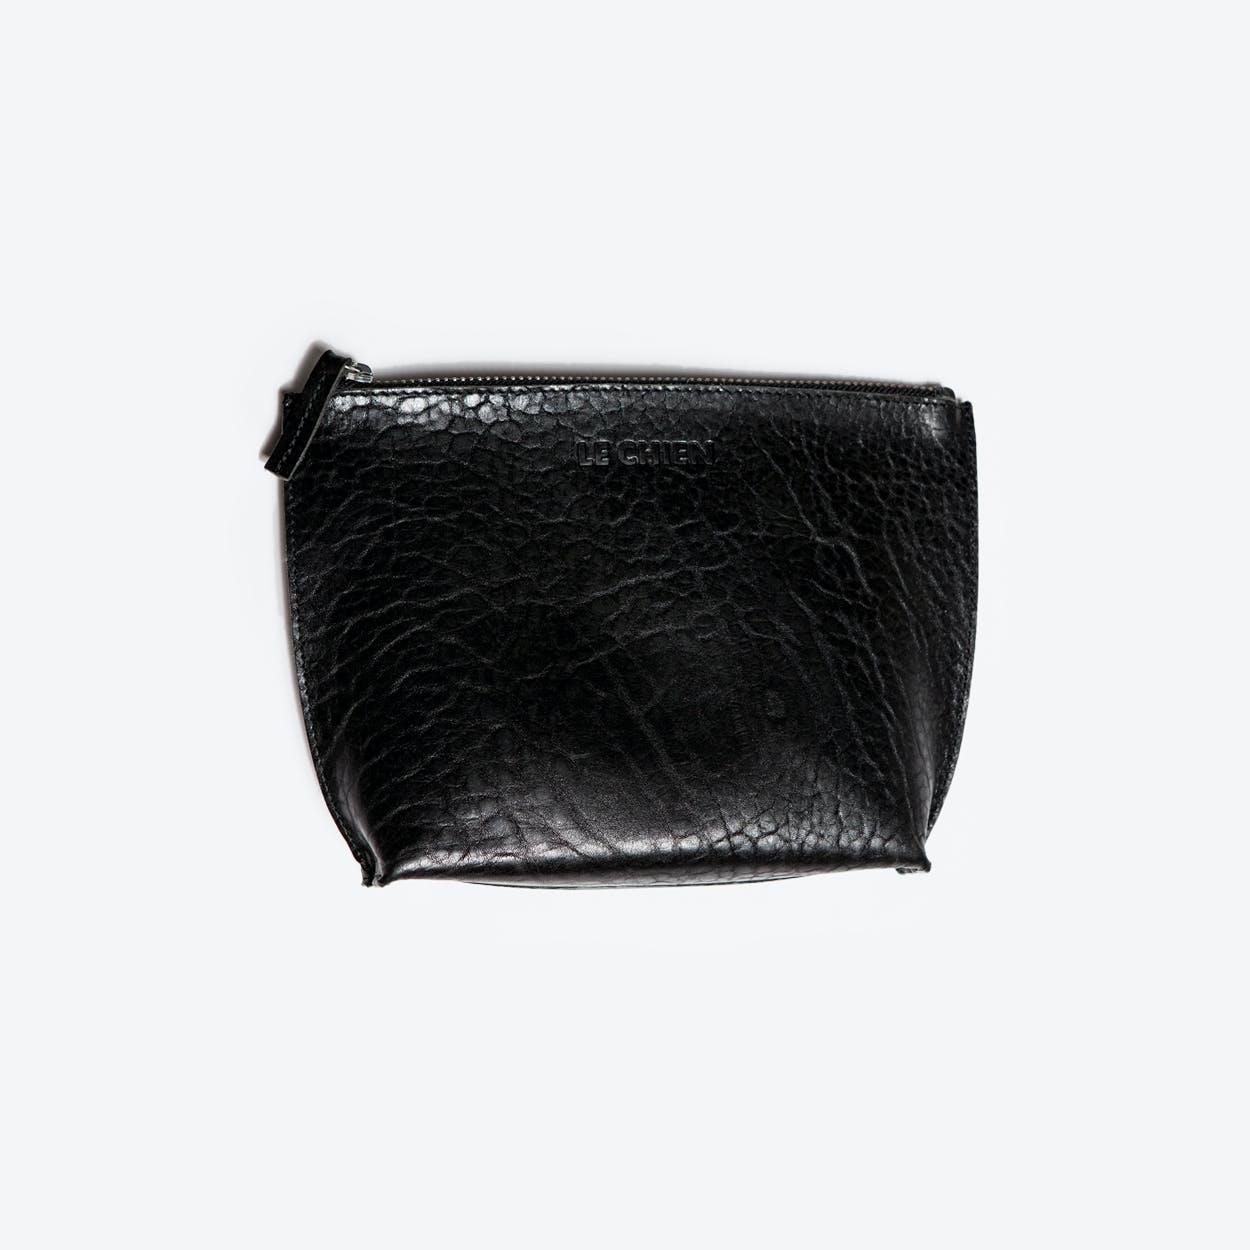 Husky Toiletry Bag in Black/Saddle